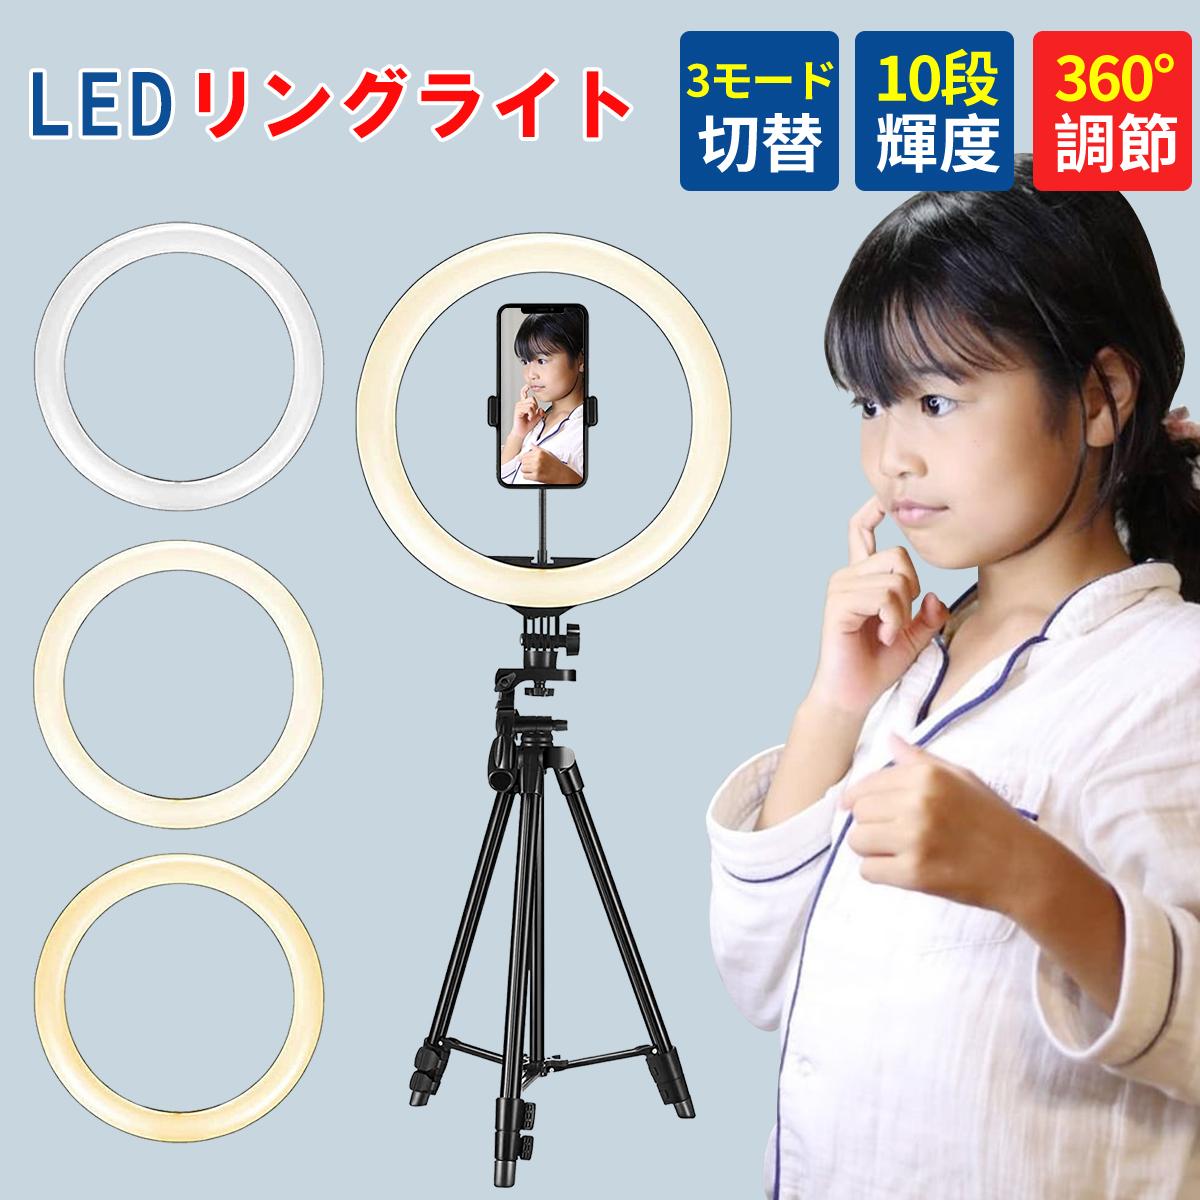 13インチLEDリングライト 三脚スタンド付き ライブストリーム 格安激安 最大P15.5倍 KEMUR公式 定番スタイル YouTube セルフィー メイクアップ ビデオ録画 携帯電話ホルダー付き 写真撮影用の調光可能なテーブルリングライト